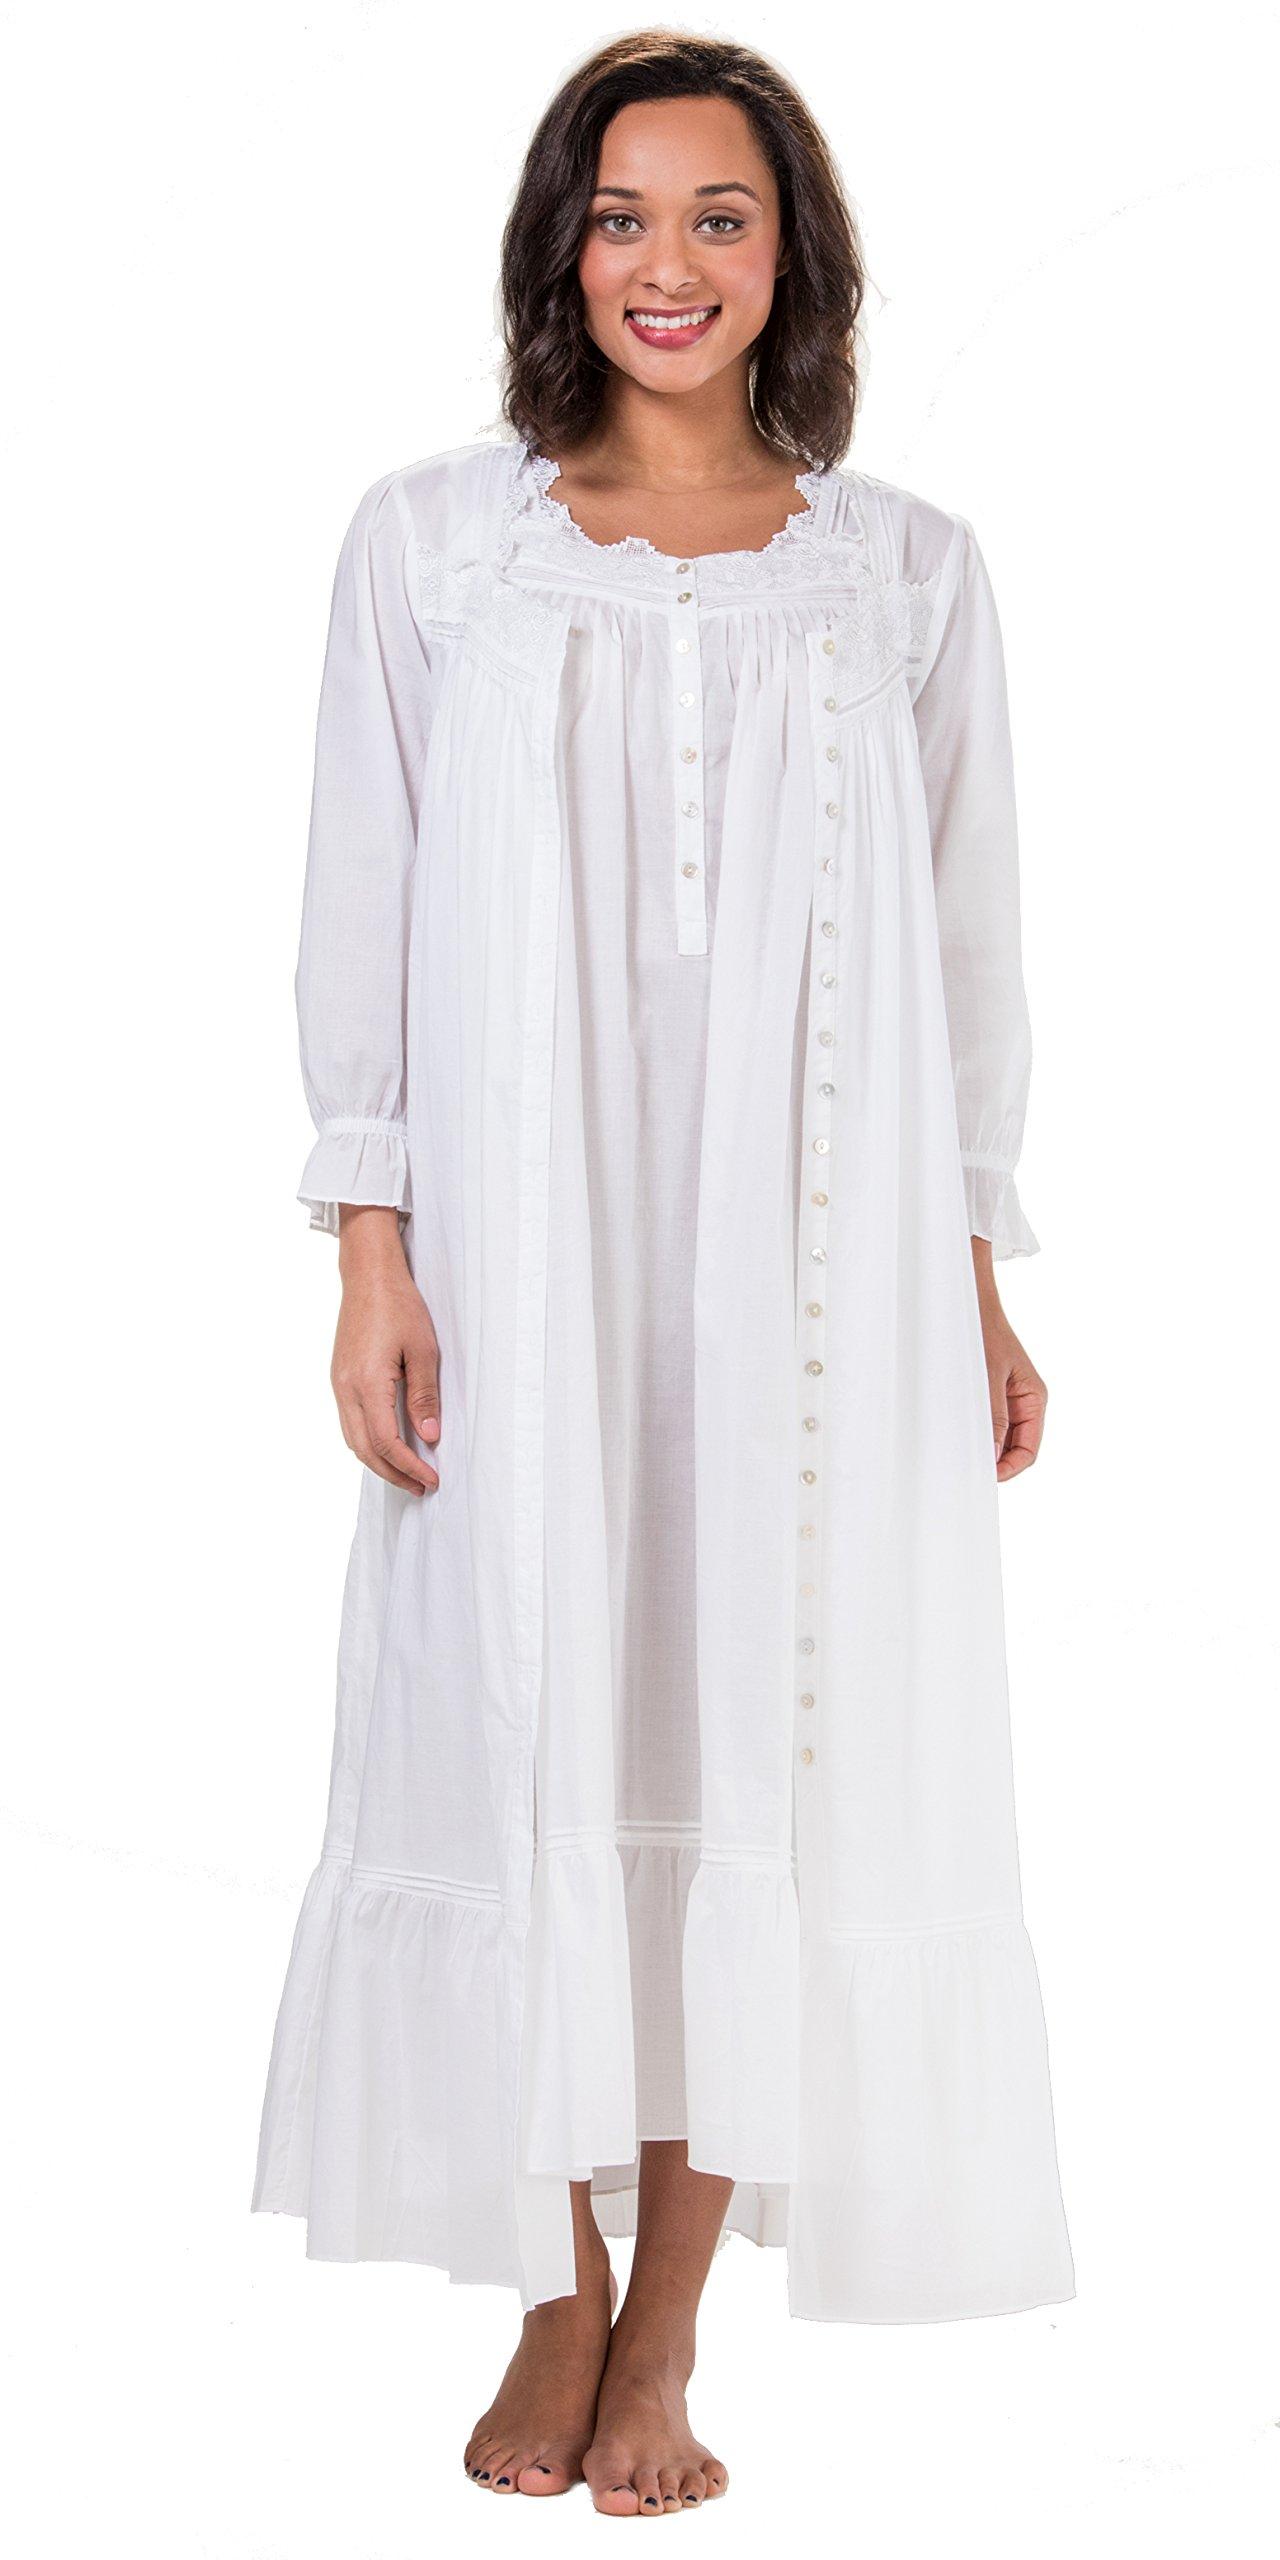 Eileen West Sleeveless Cotton Lawn Peignoir Set - Country White (White, X-Large)